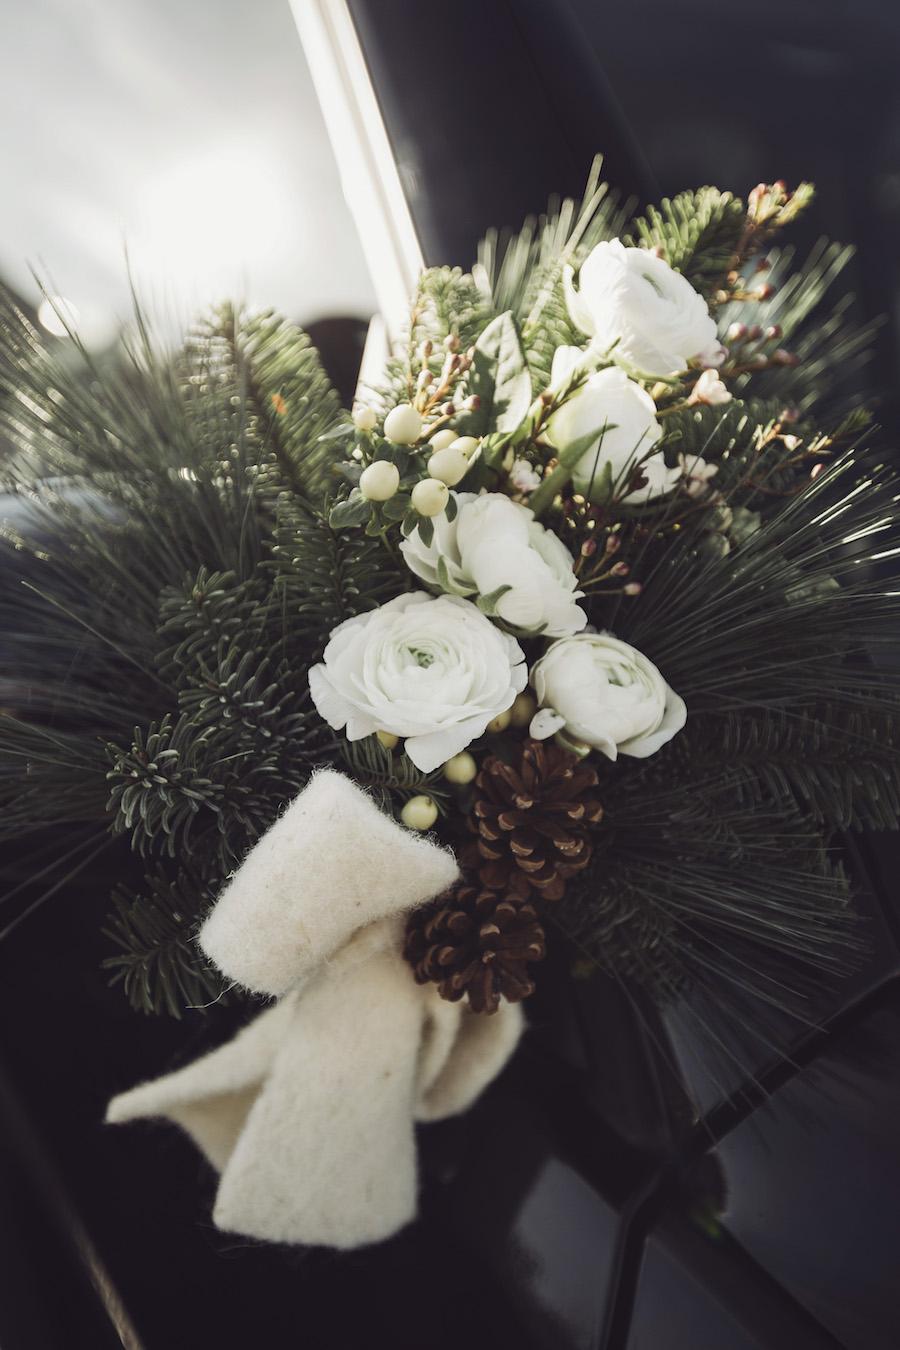 Matrimonio In Montagna : Dettagli rustici perfetti per un matrimonio invernale in